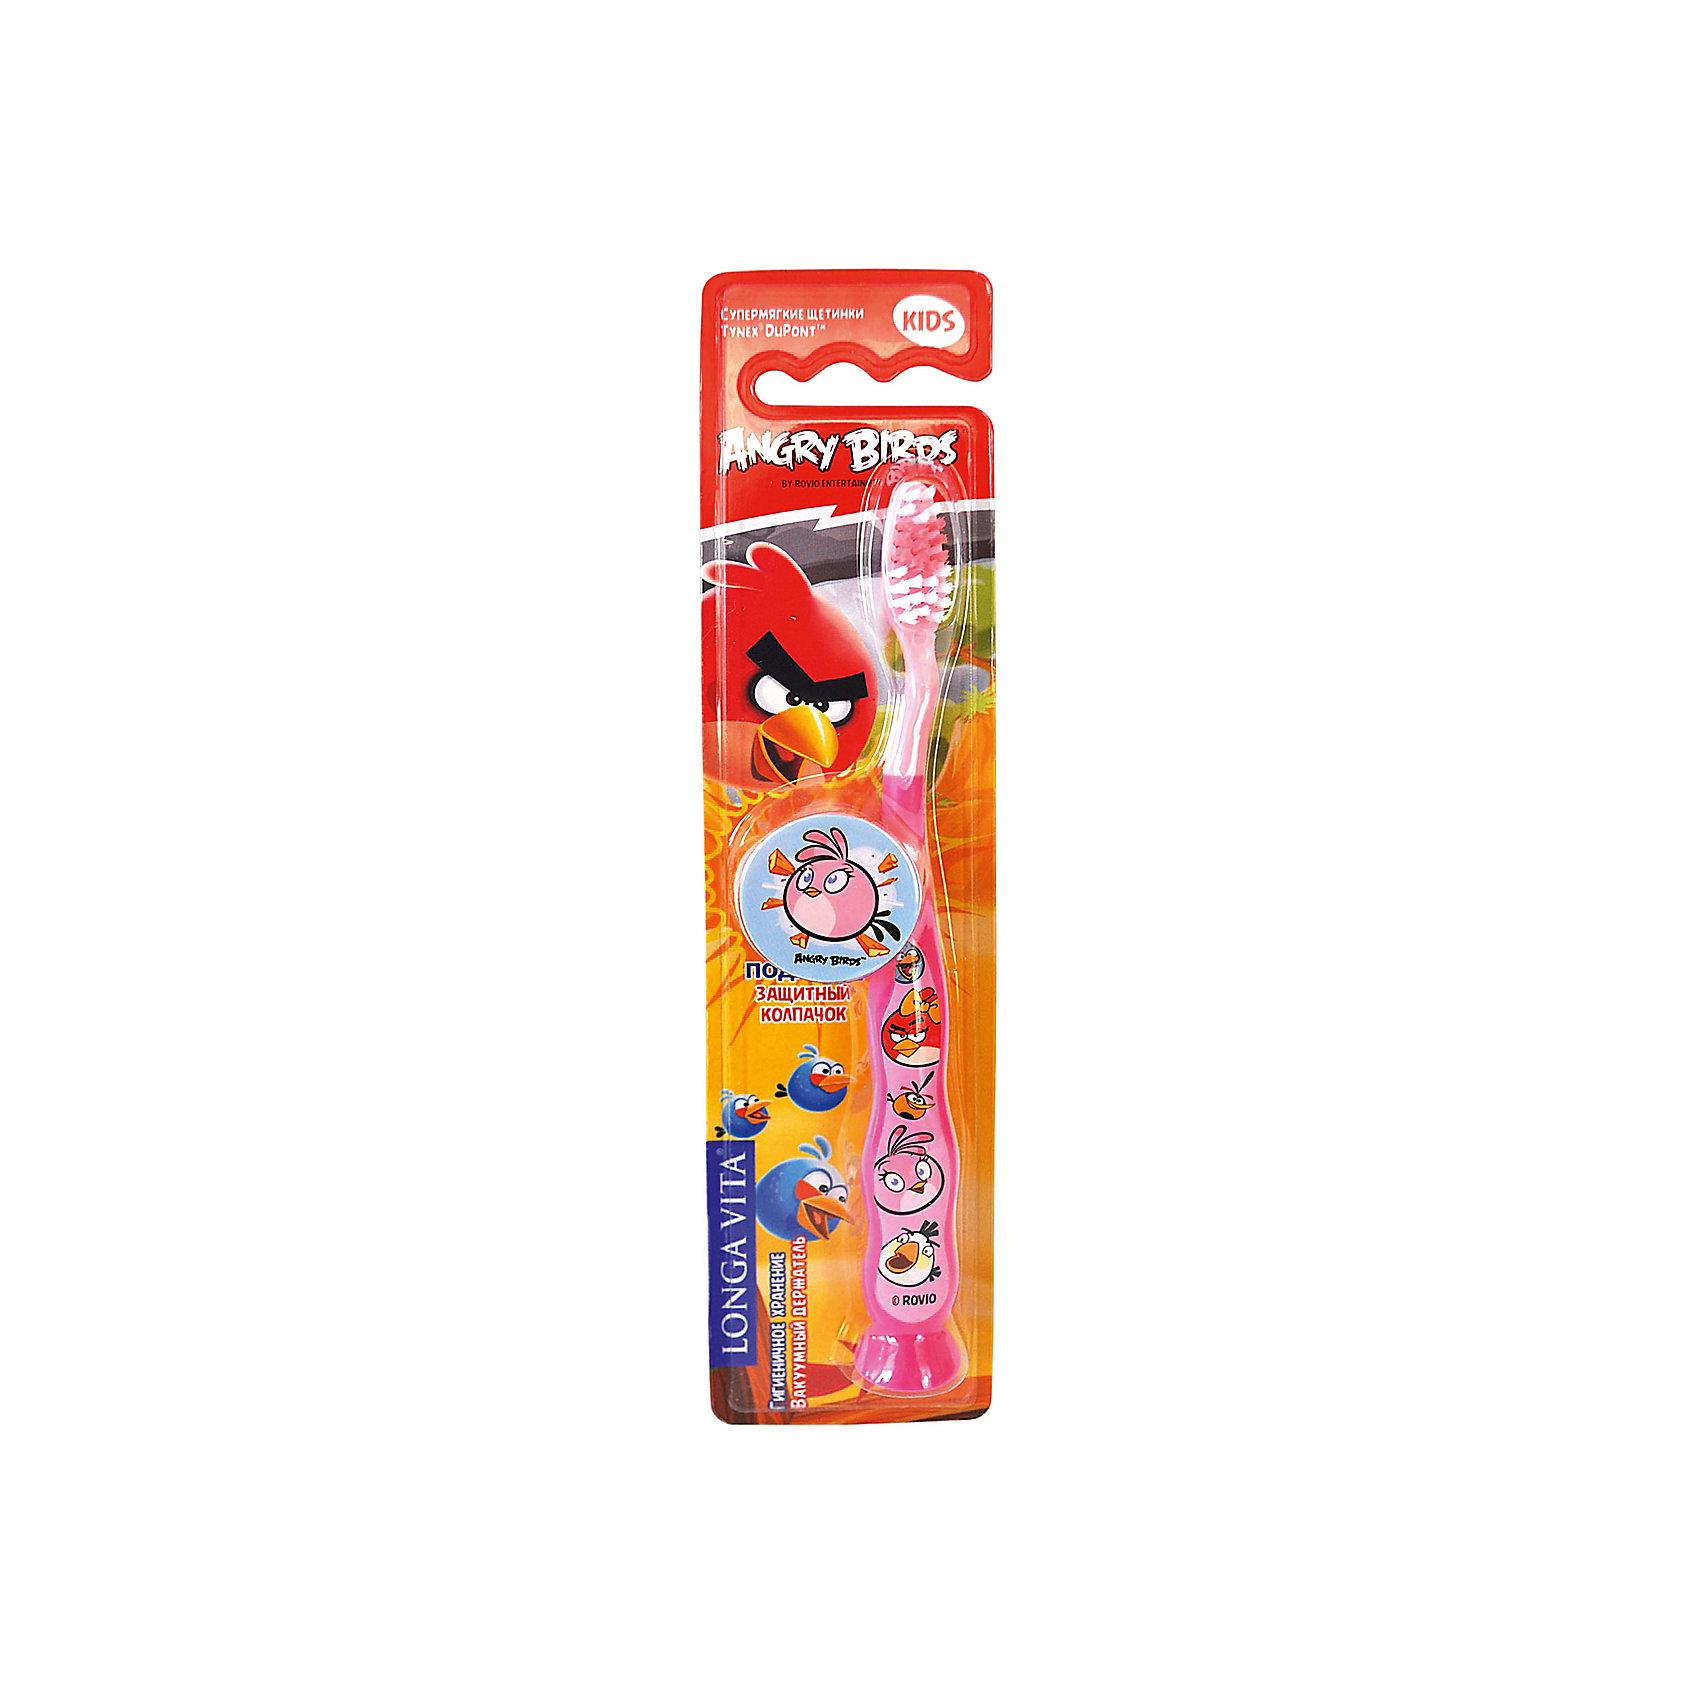 Детская зубная щетка с защитным колпачком, Angry Birds, LONGA VITA, розовыйДетская зубная щетка с защитным колпачком, Angry Birds, LONGA VITA, розовая. <br><br>Характеристика:<br><br>• Материал: пластик нейлон.<br>• Размер упаковки: 23х6х2 см. <br>• Жесткость щетины: мягкая. <br>• Удобная подставка-присоска.<br>• Эргономичная ручка<br>• Защитный колпачок в комплекте. <br>• Яркий привлекательный дизайн. <br><br>Яркая зубная щетка с веселыми Angry Birds (Энгри Бердс) приведет в восторг любого ребенка! Щетка прекрасно удаляет зубной налет, очень маневренная, оснащена удобной подставкой-присоской. Благодаря мягкой щетине, не травмирует нежные детские десны. Защитный колпачок убережет щетку от загрязнения и распространения бактерий, удобная эргономичная ручка препятствует выскальзыванию. Привлекательный дизайн и изображения любимых героев сделают процесс чистки зубов увлекательным и веселым! <br><br>Детскую зубную щетку с защитным колпачком, Angry Birds, LONGA VITA (Лонга Вита), розовую, можно купить в нашем магазине.<br><br>Ширина мм: 300<br>Глубина мм: 100<br>Высота мм: 50<br>Вес г: 100<br>Возраст от месяцев: -2147483648<br>Возраст до месяцев: 2147483647<br>Пол: Женский<br>Возраст: Детский<br>SKU: 5008317